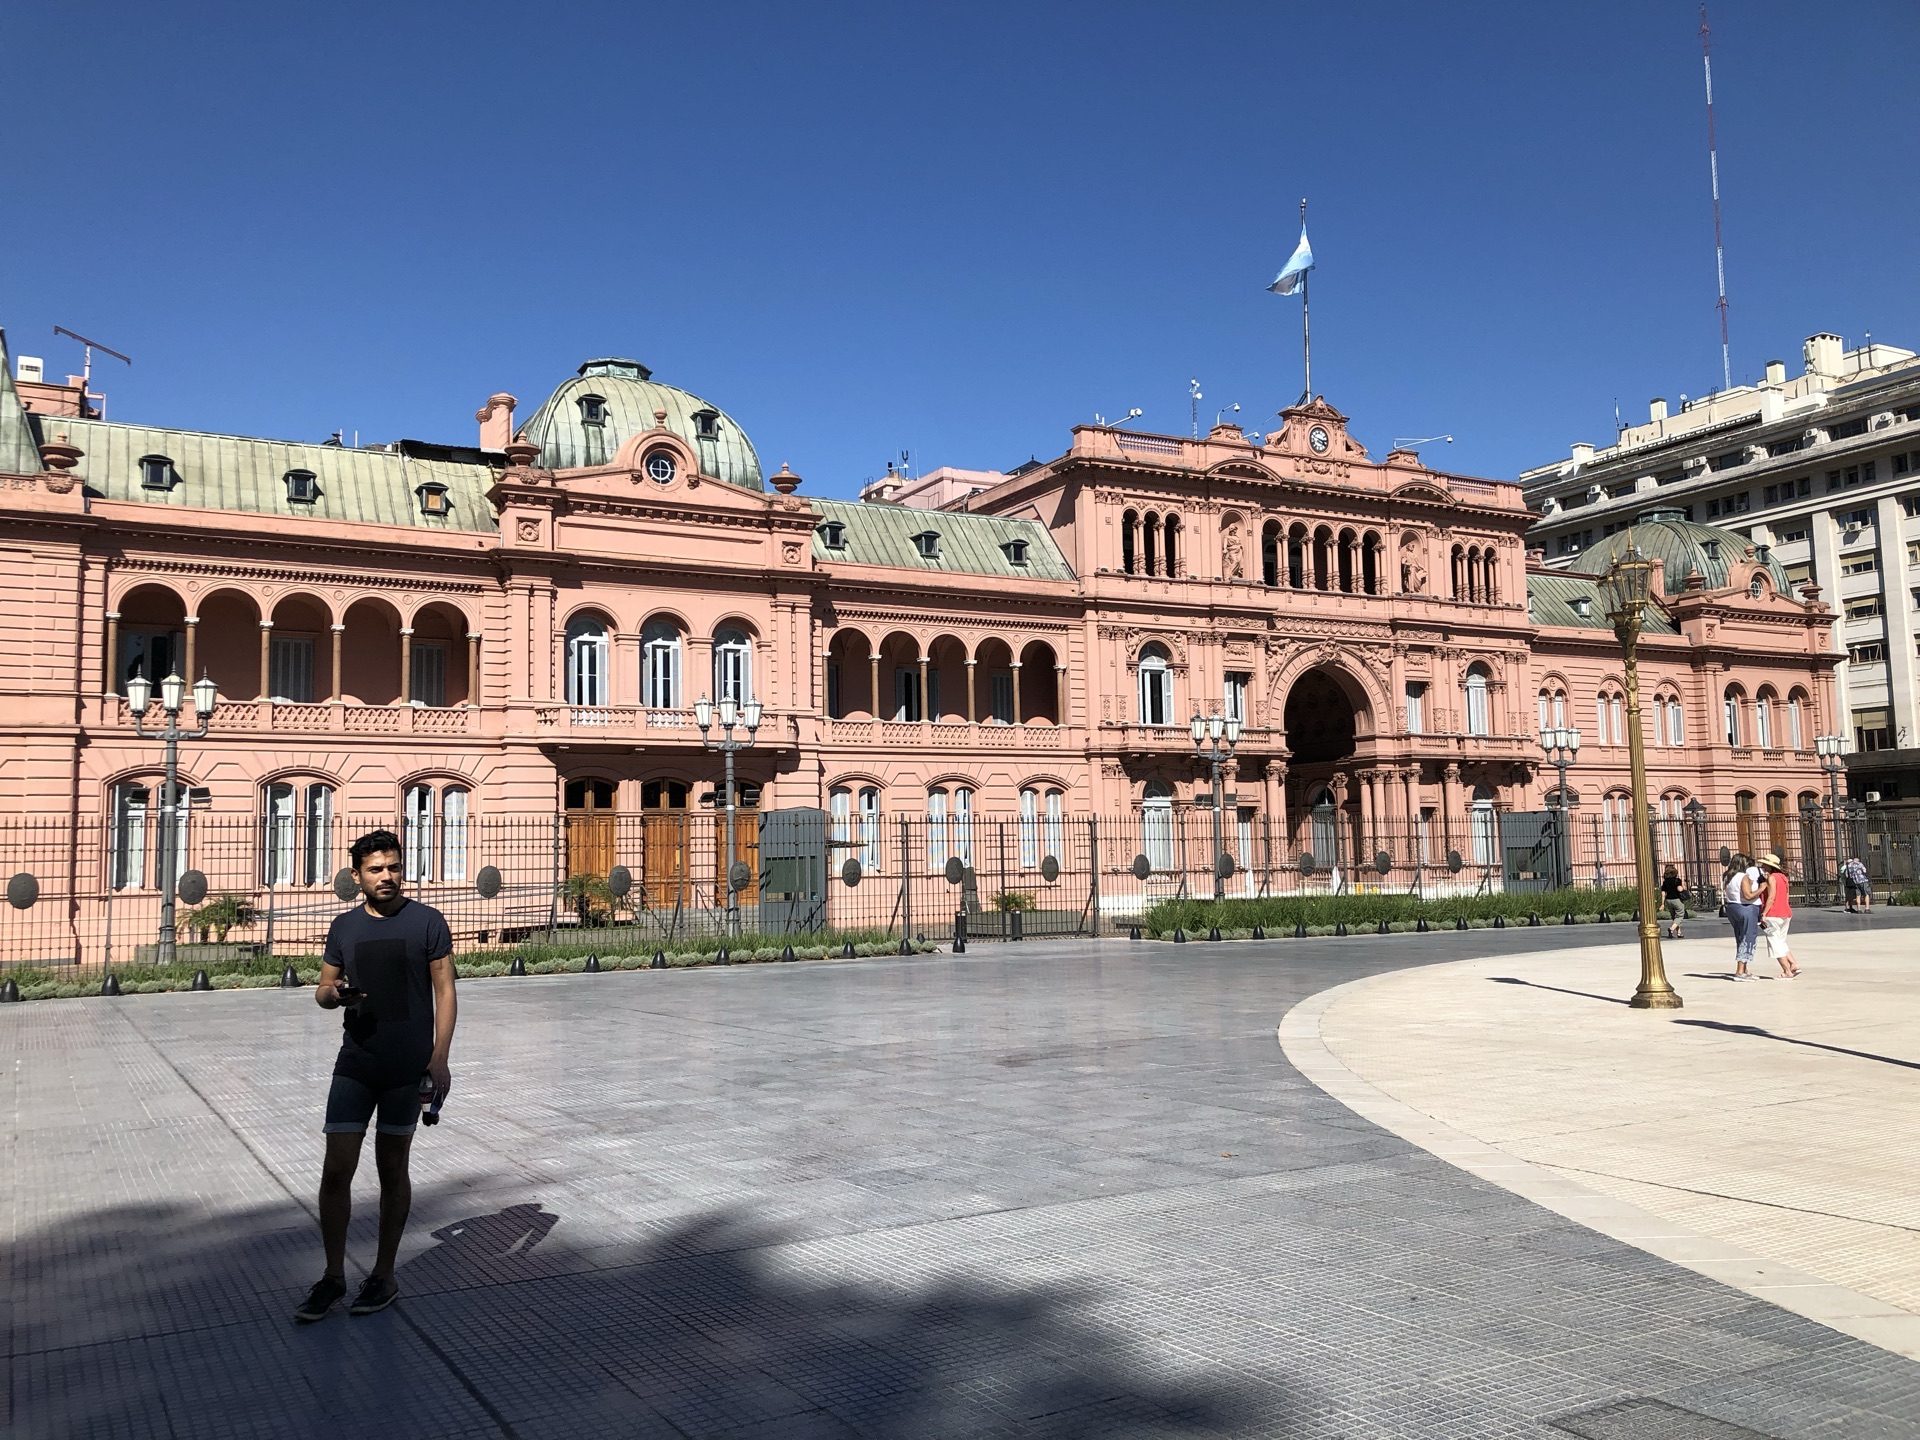 阿根廷 布宜诺斯艾利斯 玫瑰宫(Casa Rosada),又称为总统府